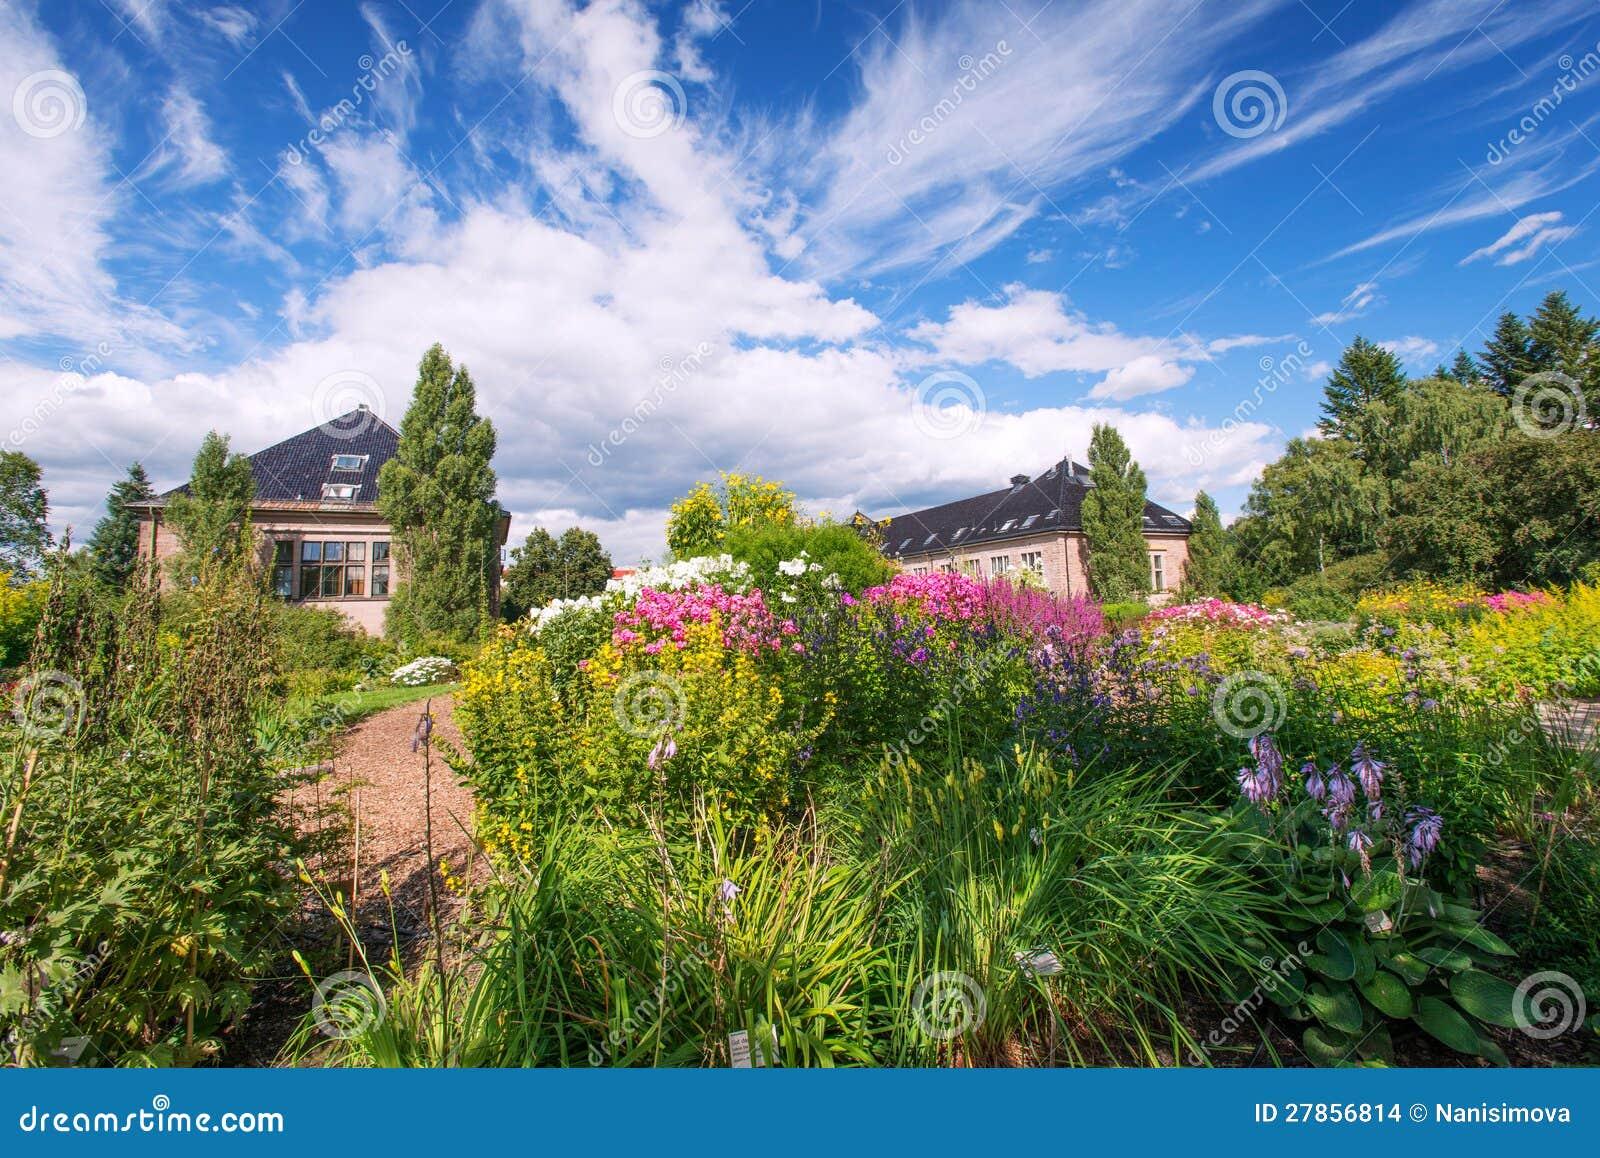 Lato ogród